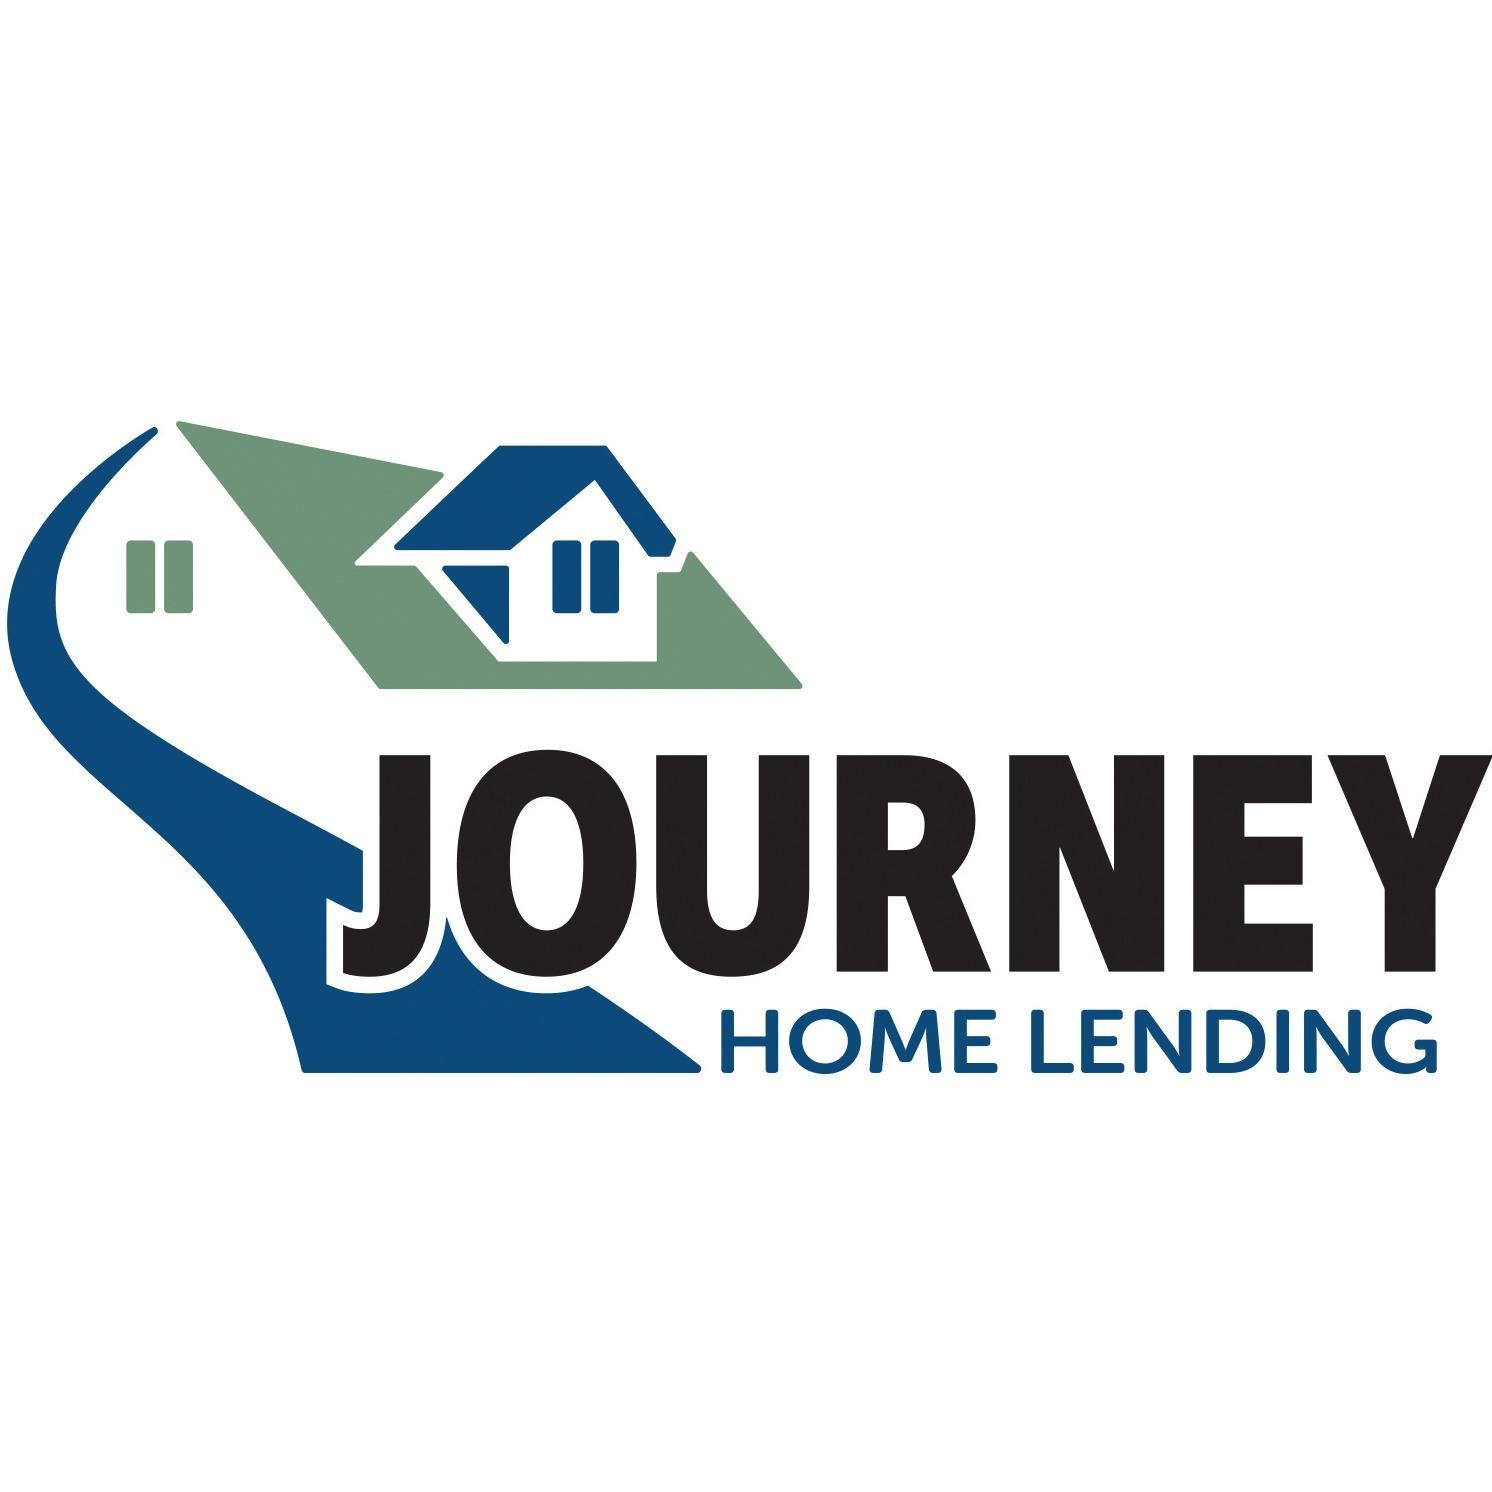 Journey Home Lending